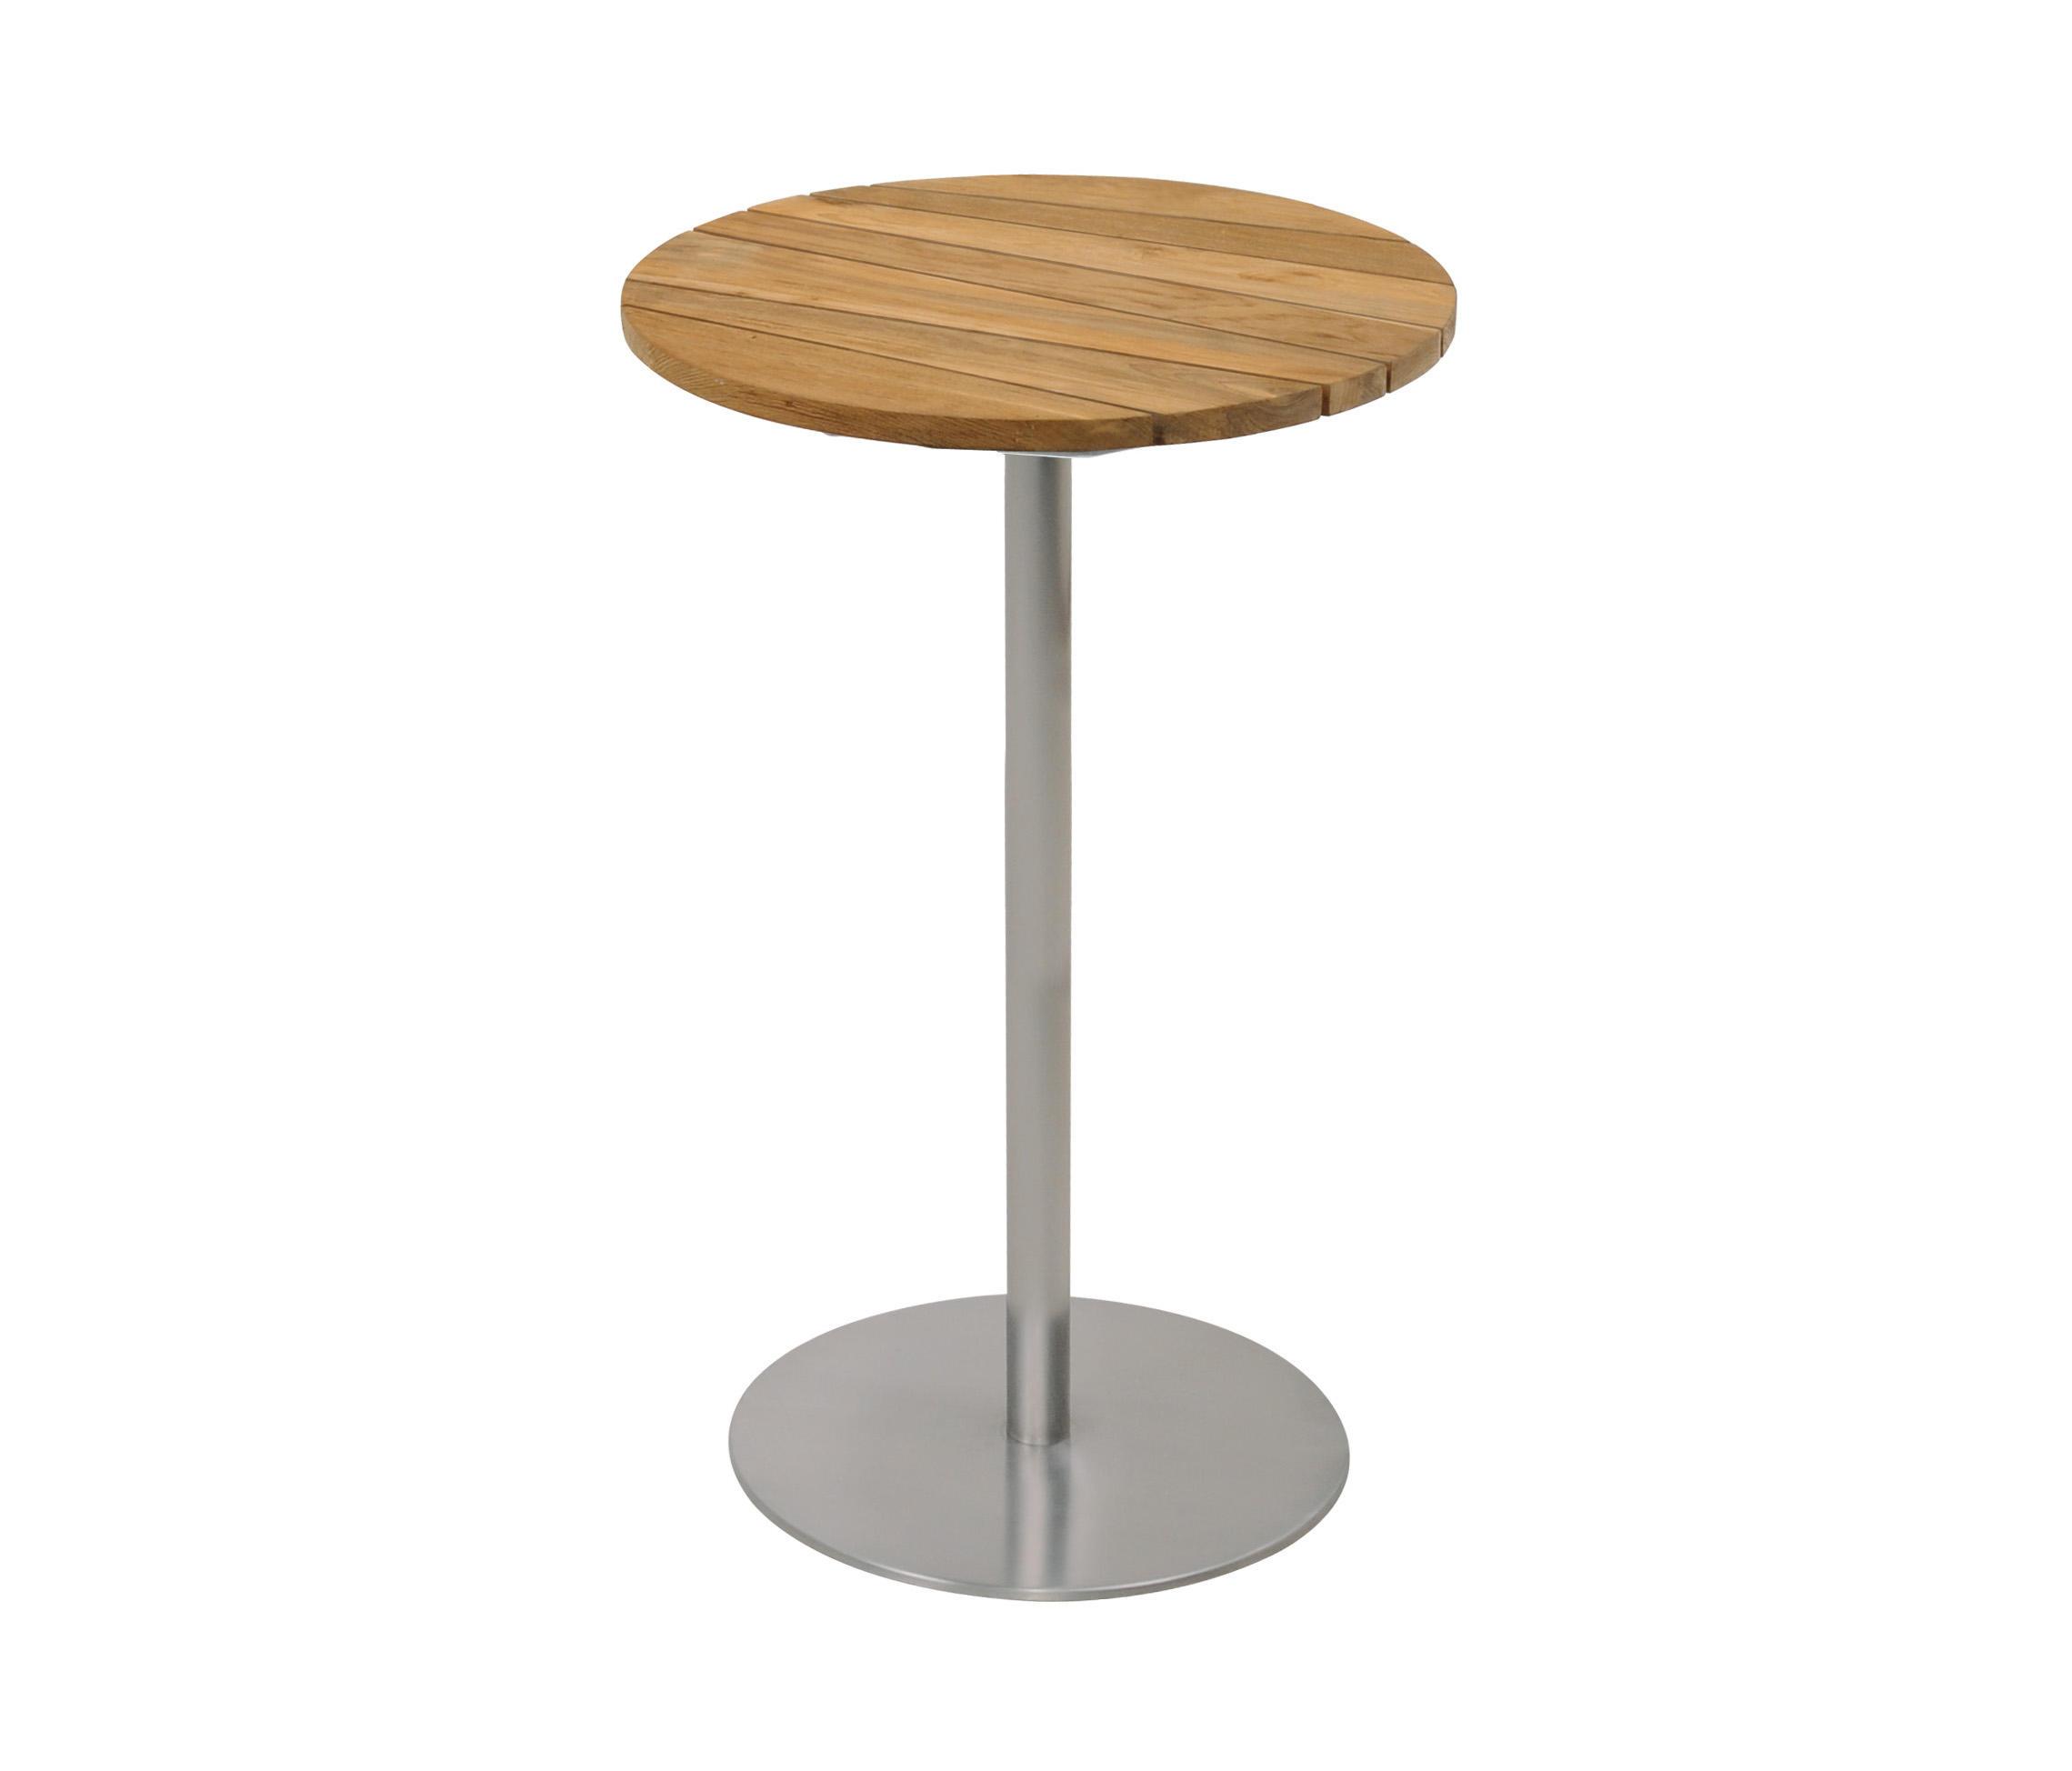 Gemmy bar table 60 cm base d bar tables from for Table bar 85 cm